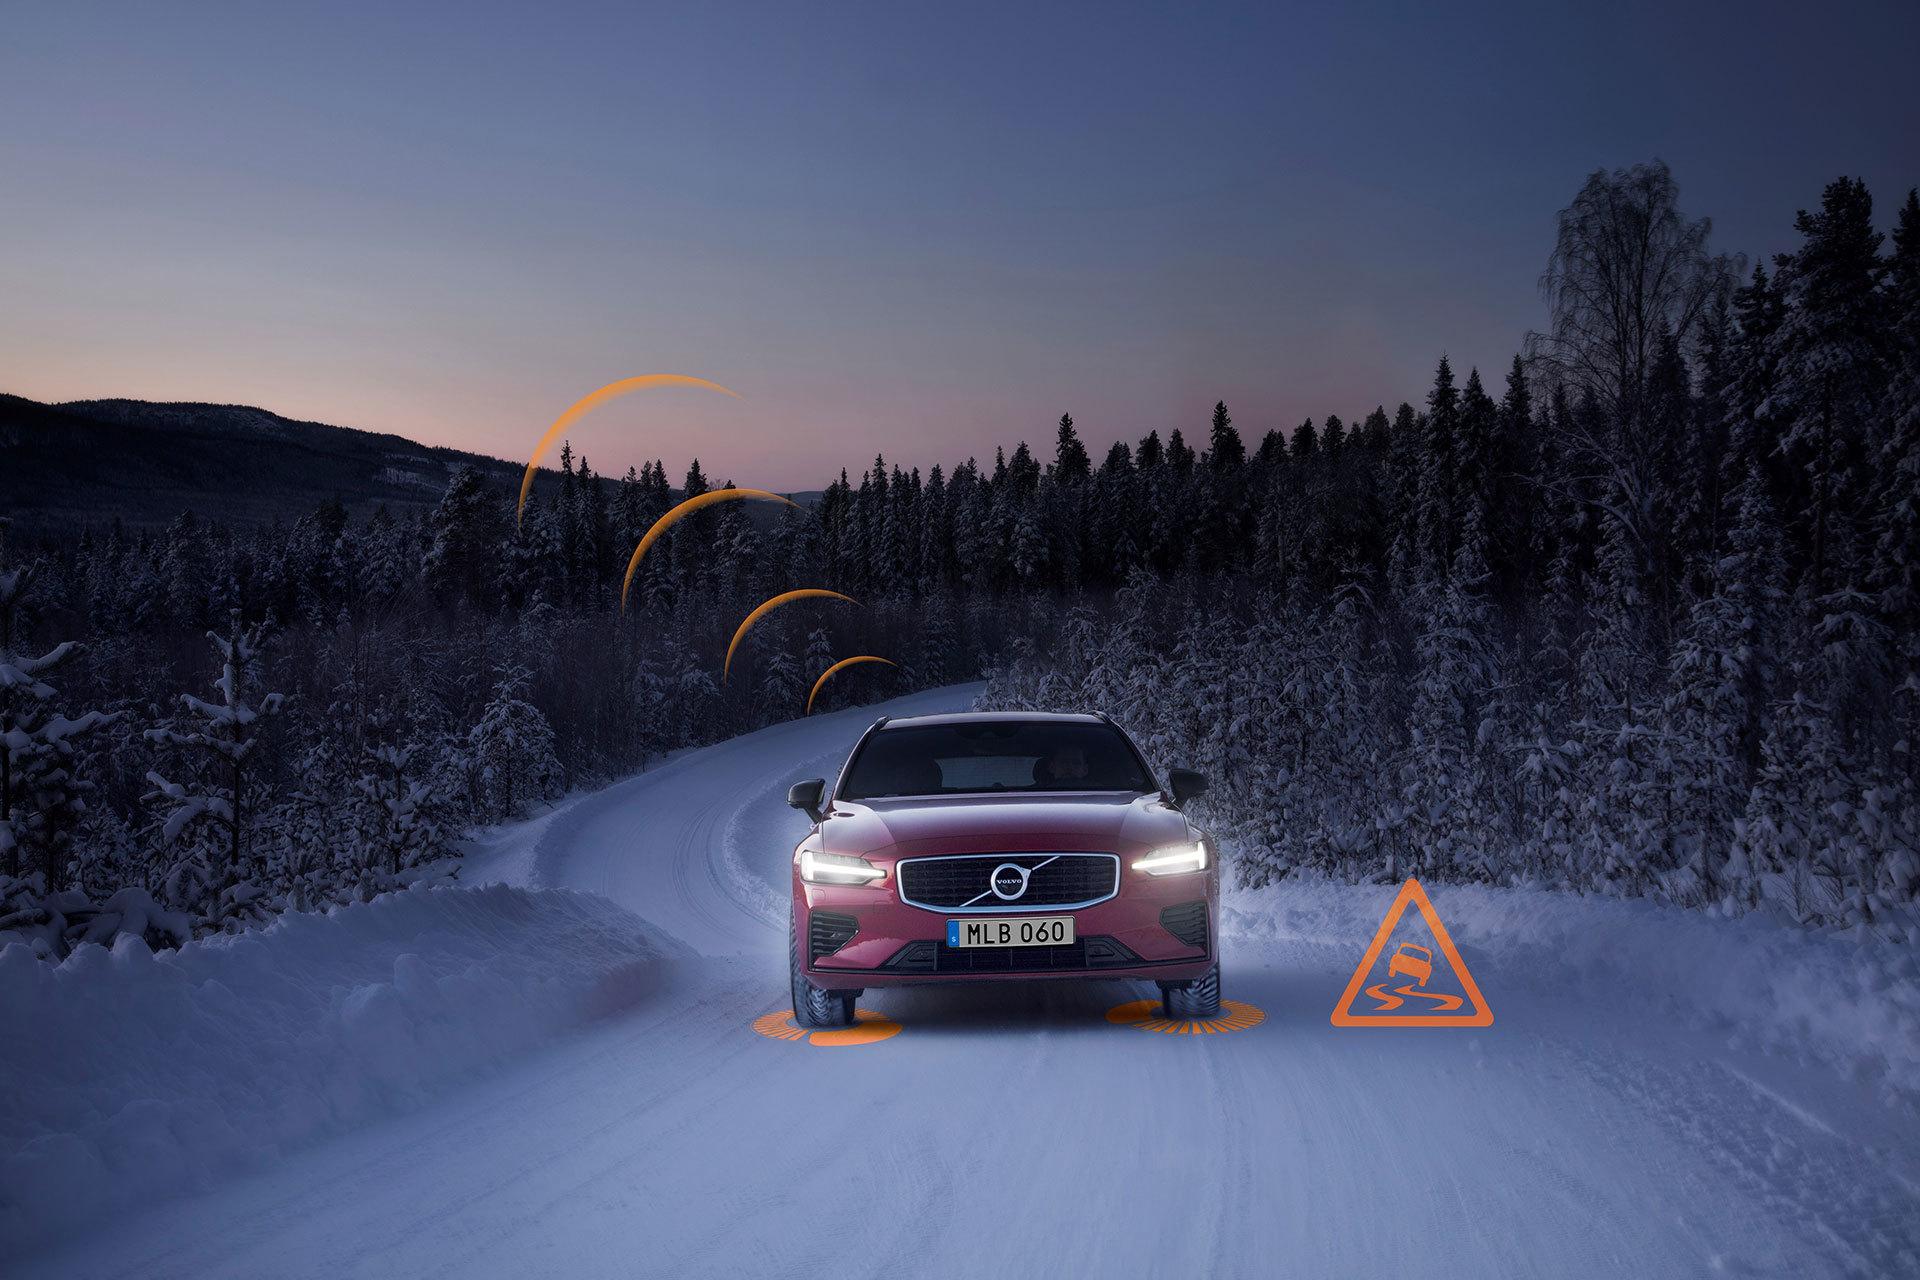 Volvo Slippery Road Alert 02